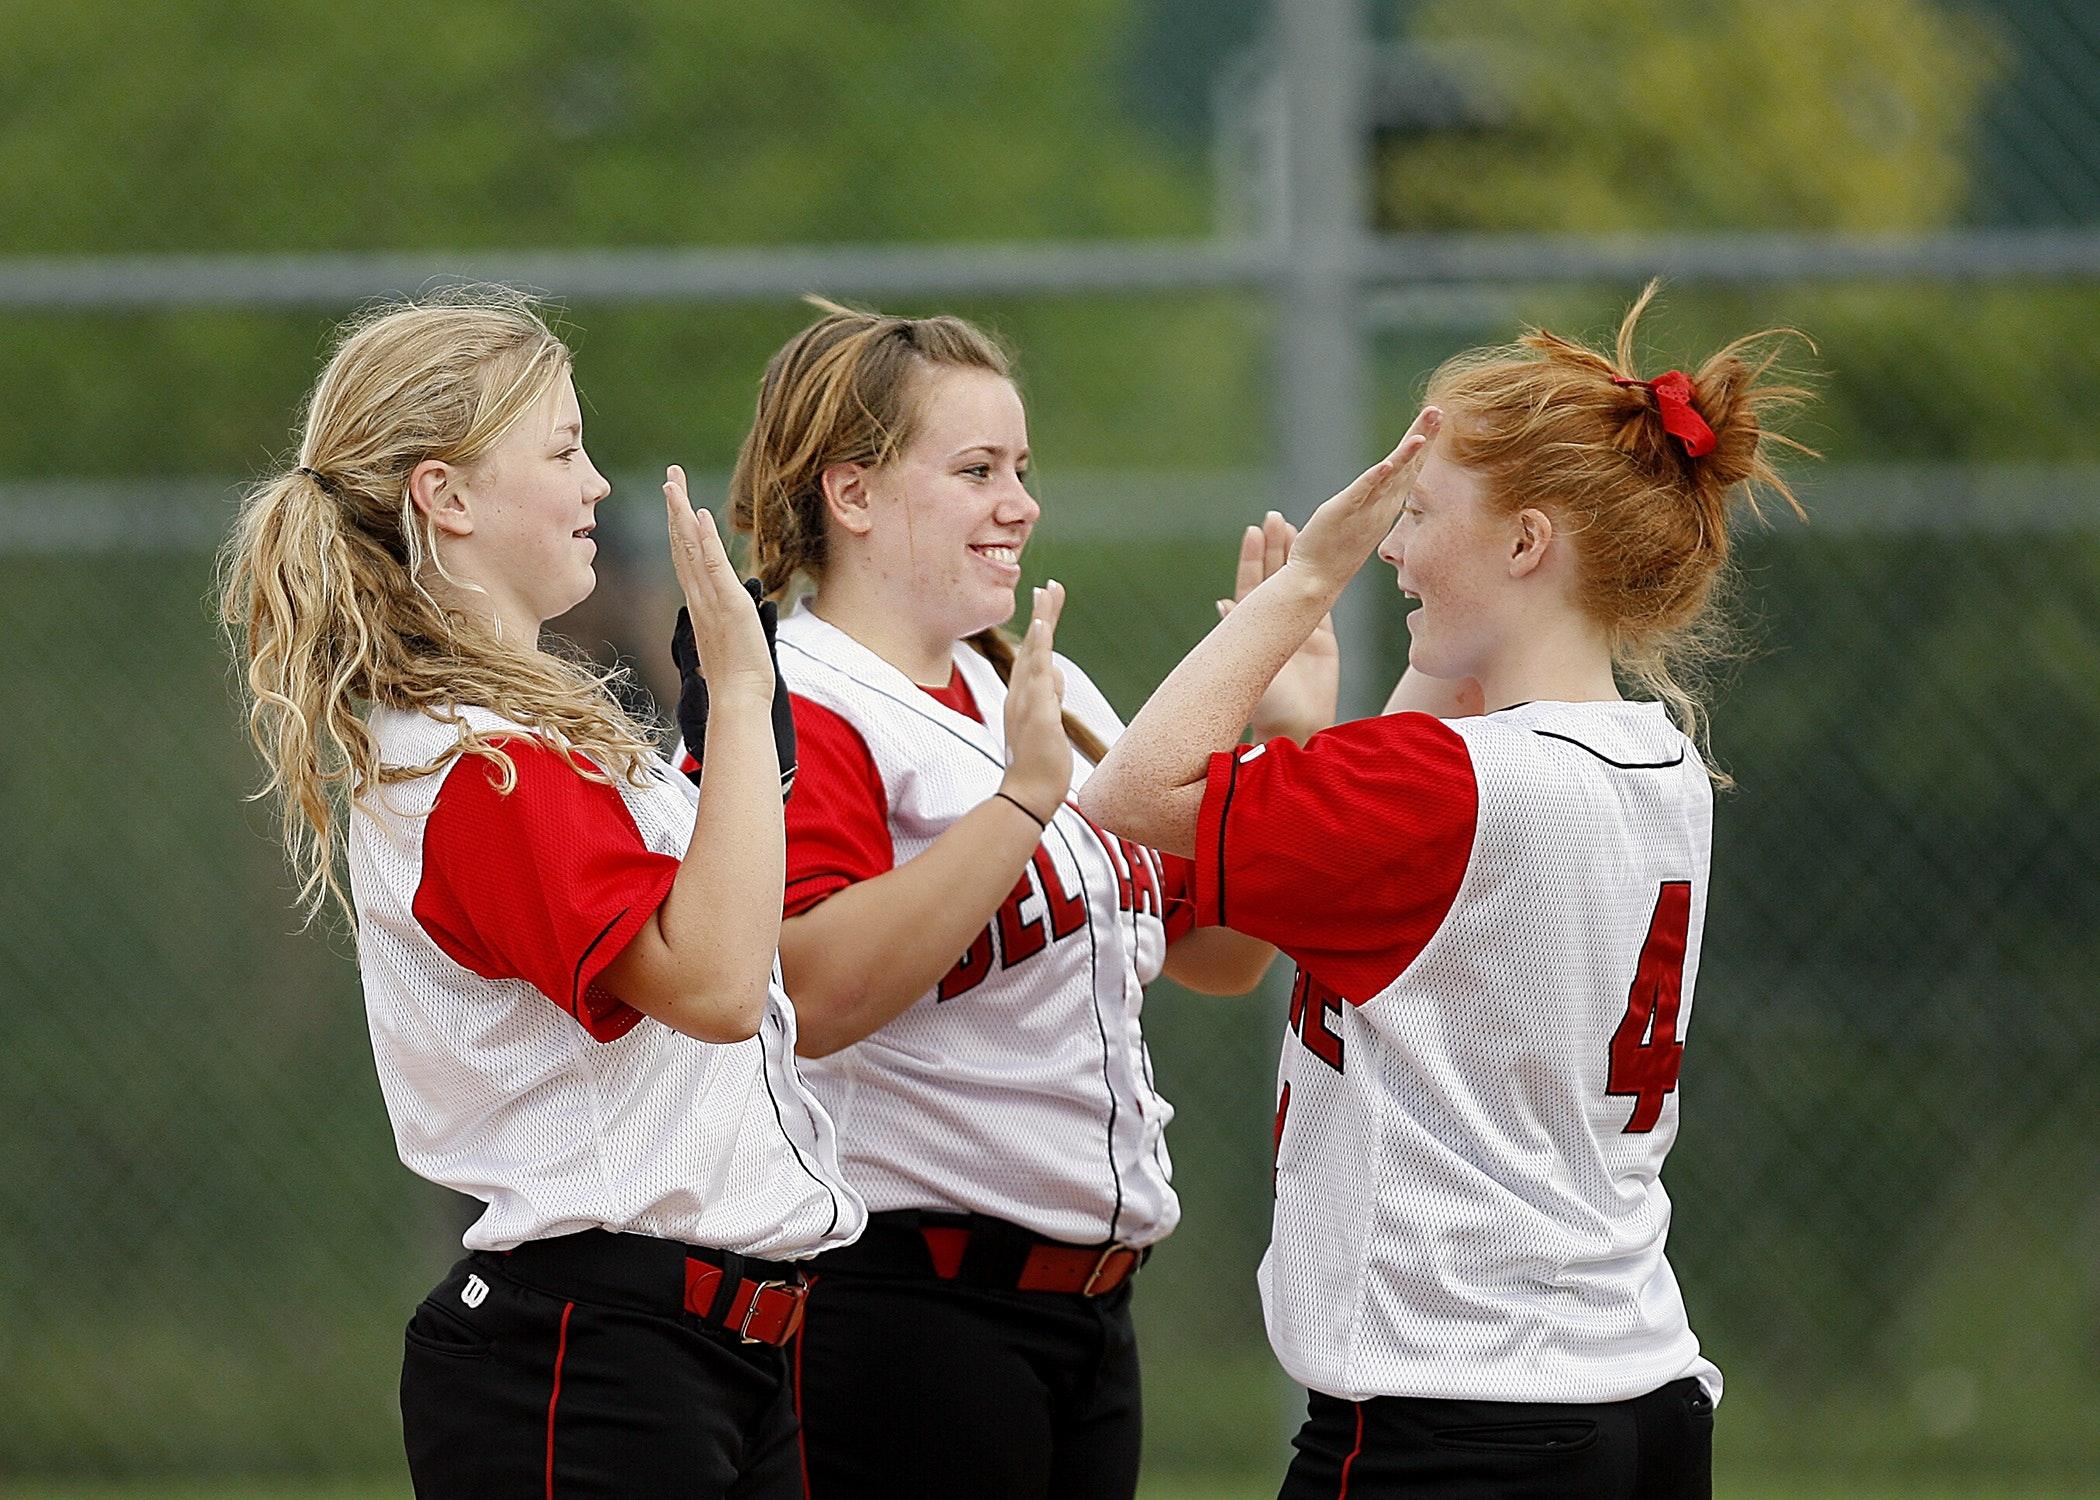 three-teenage-athletes-high-fiving.jpg